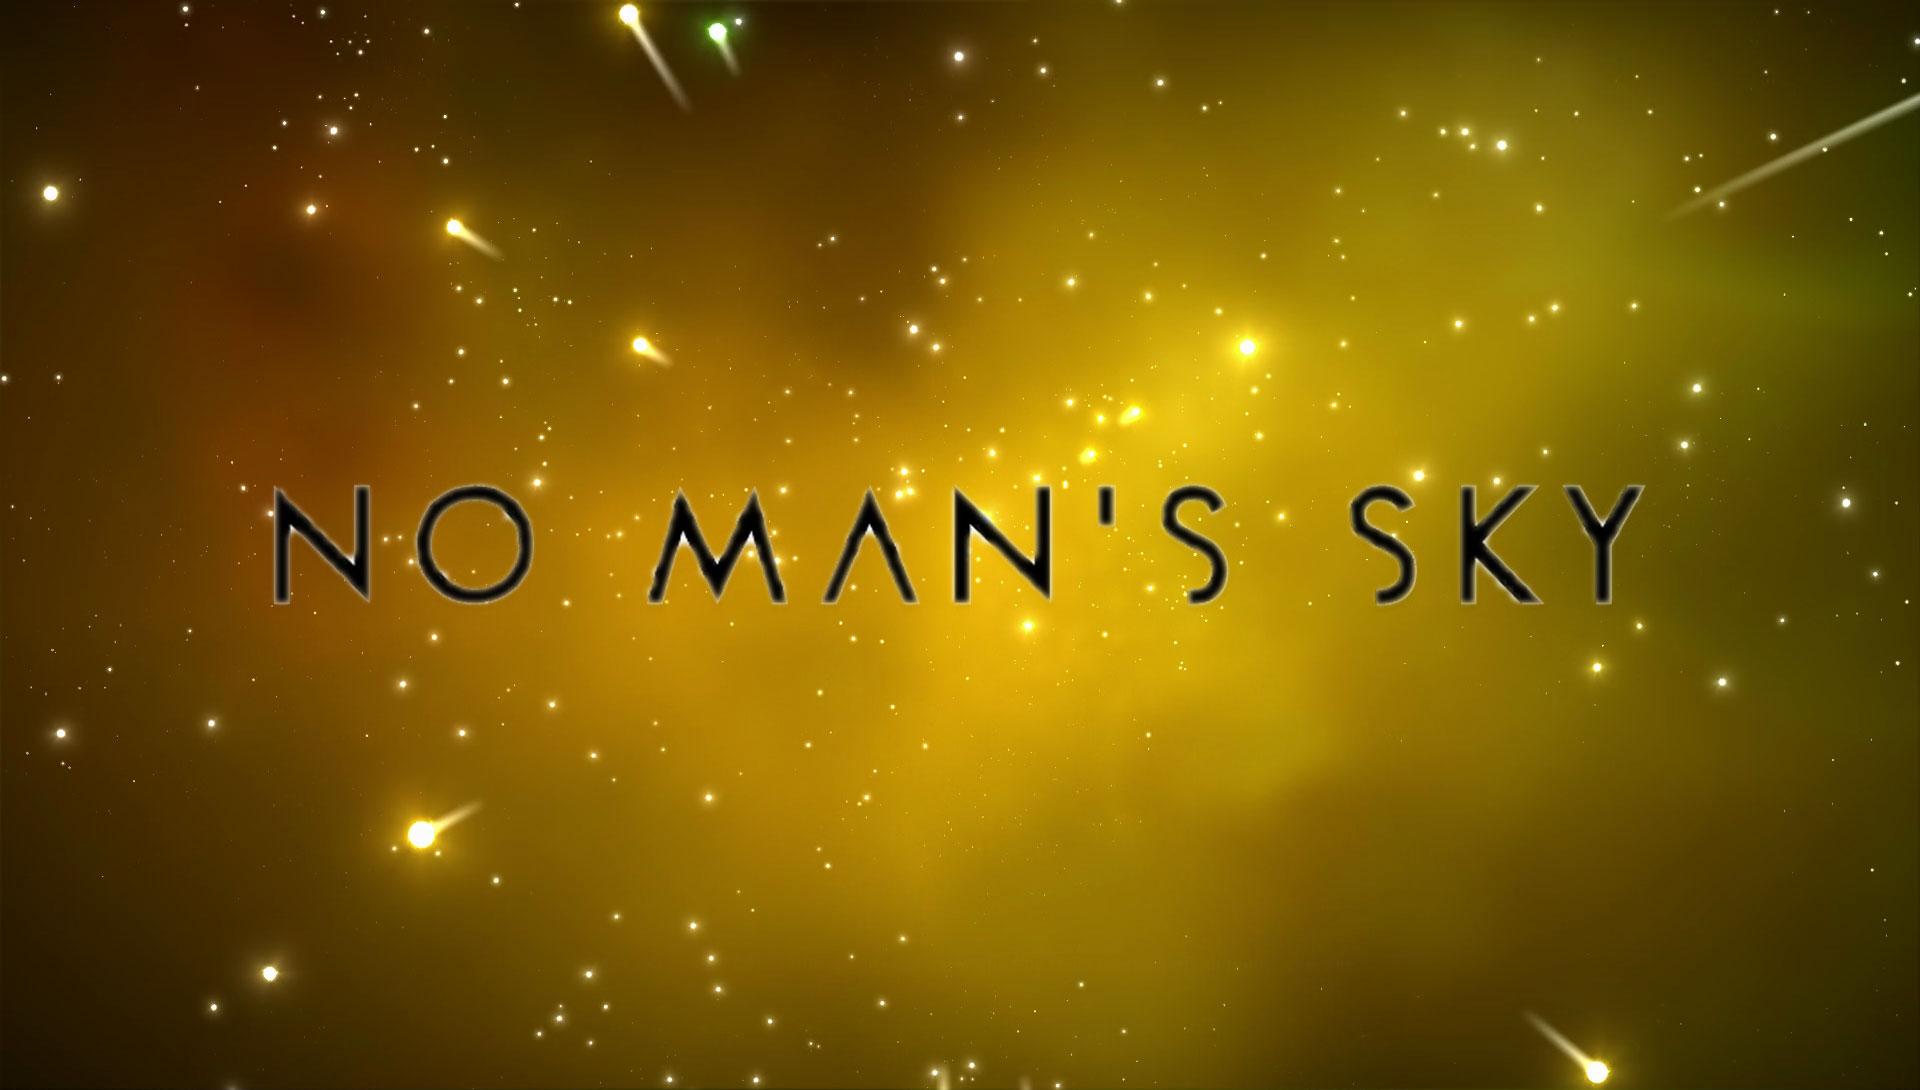 No Man S Sky Review Gosunoob Com Video Game News Amp Guides